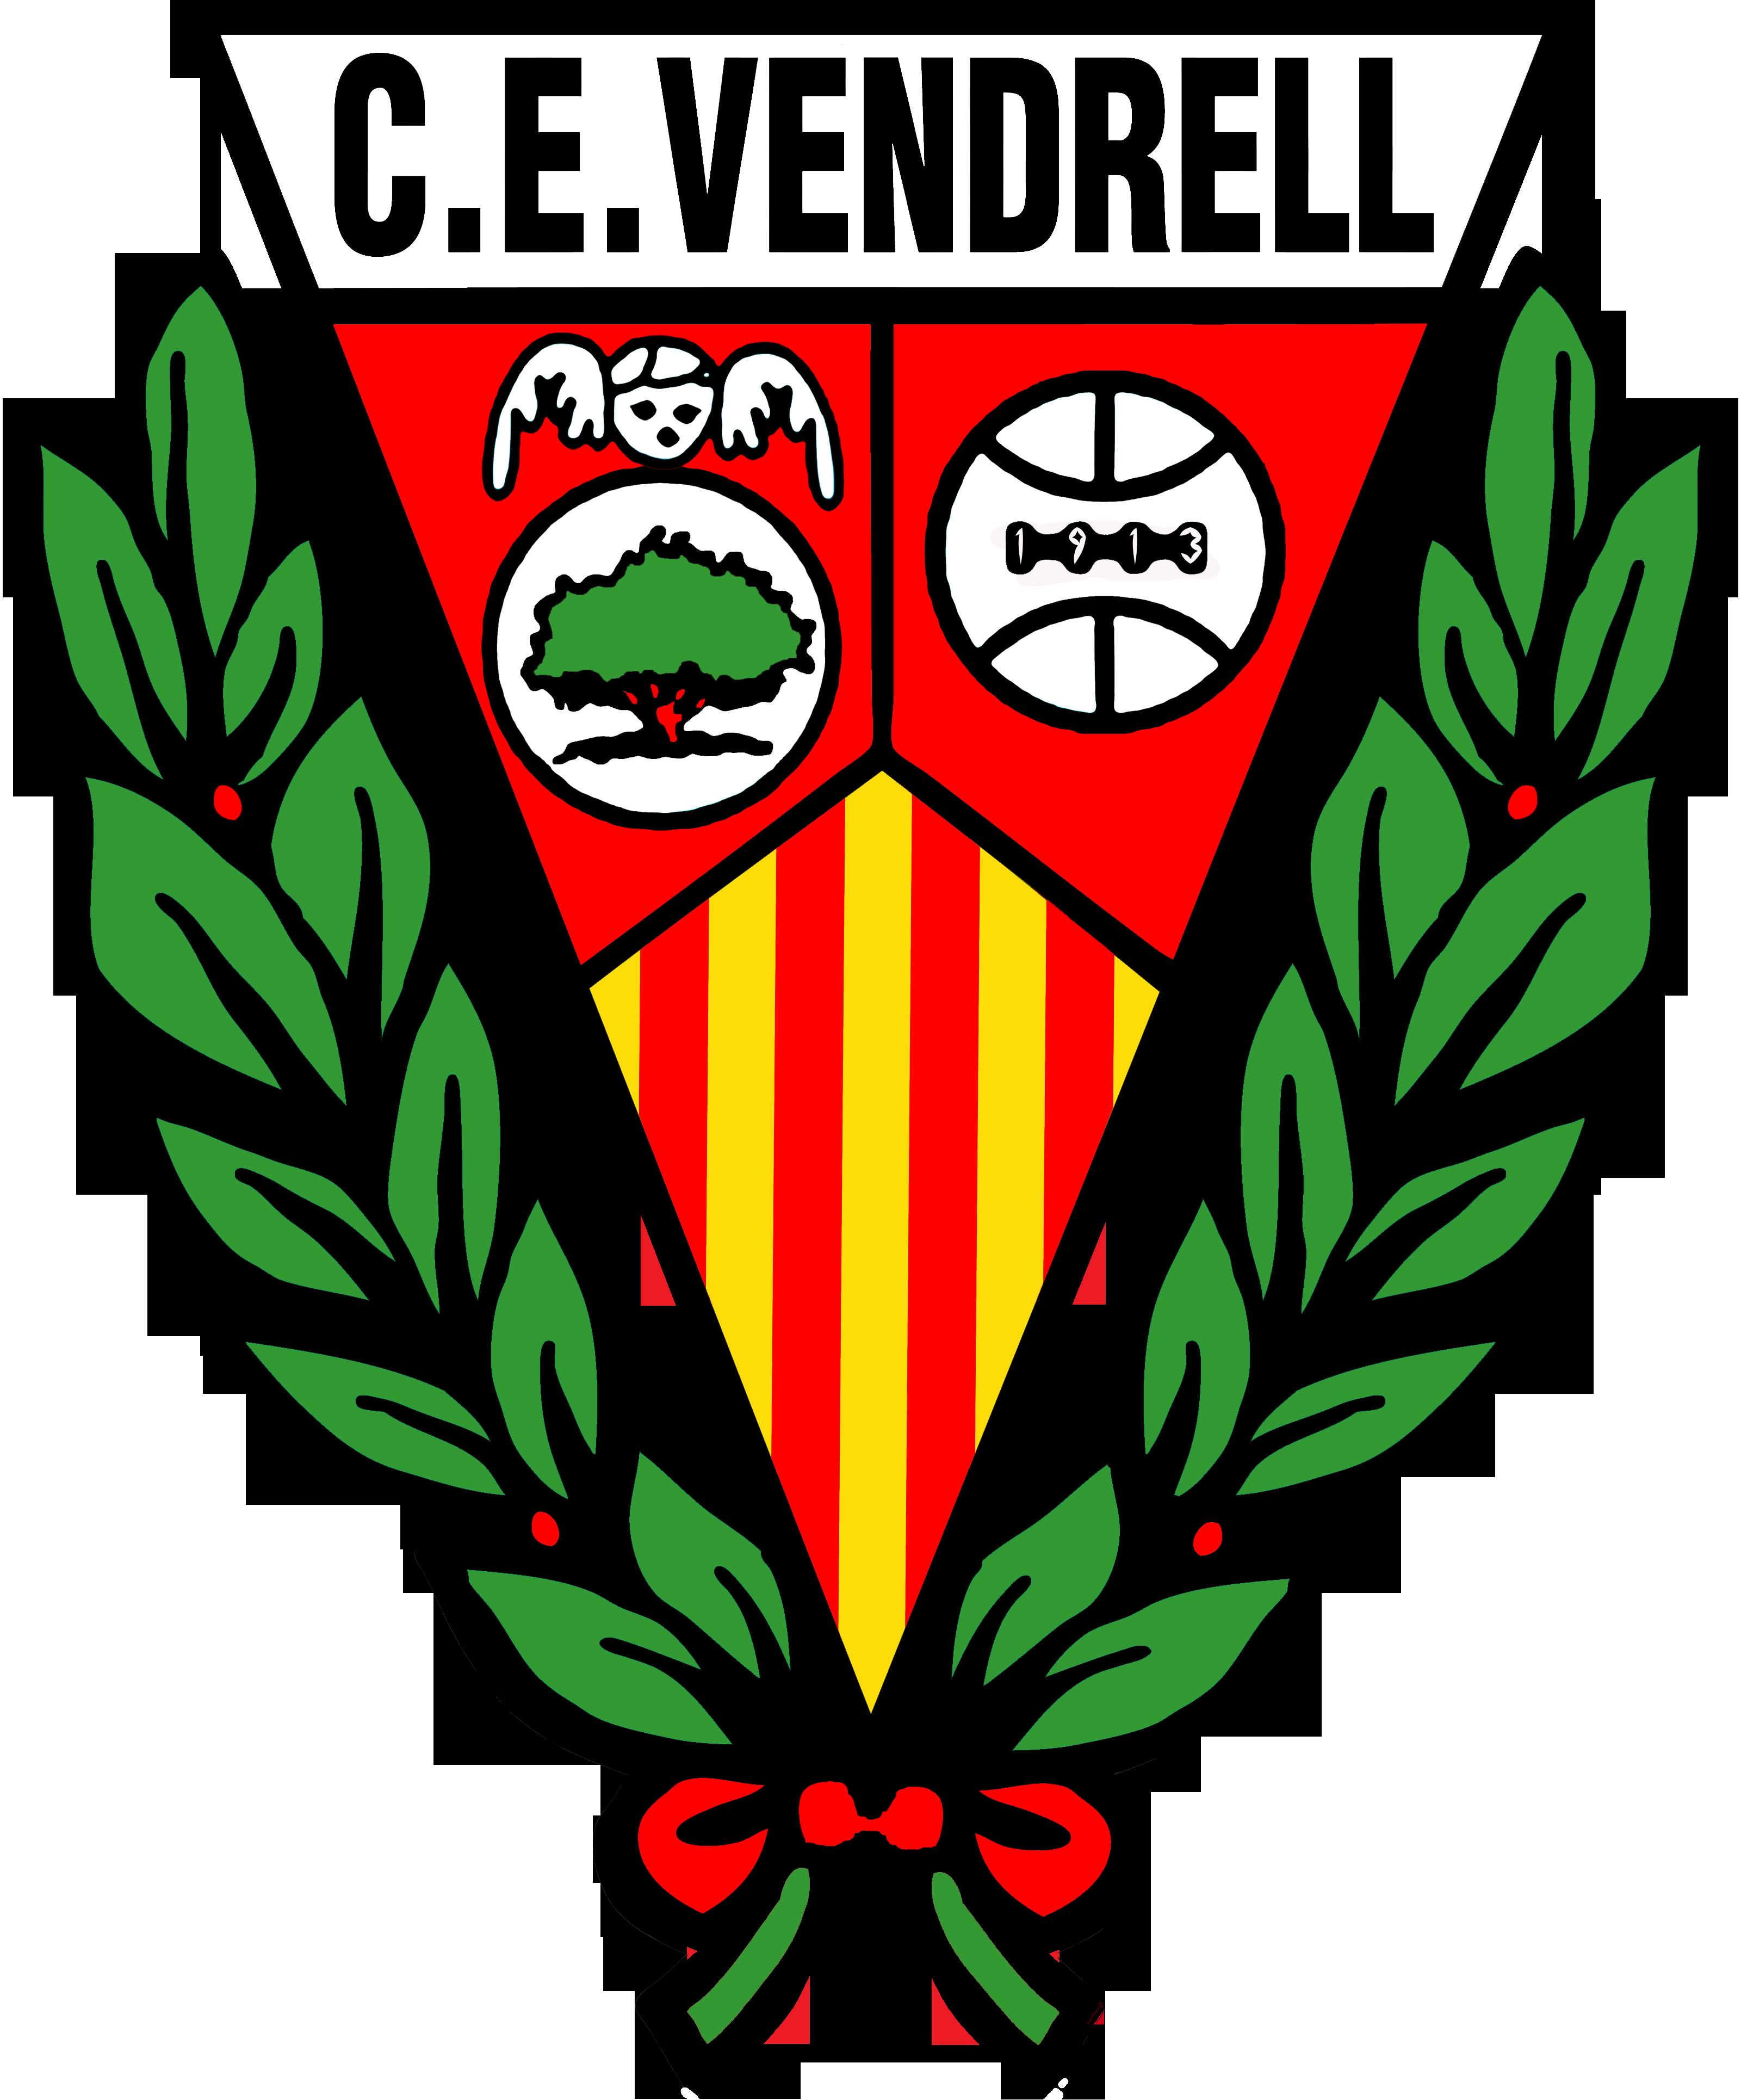 C.E. Vendrell Aleví A